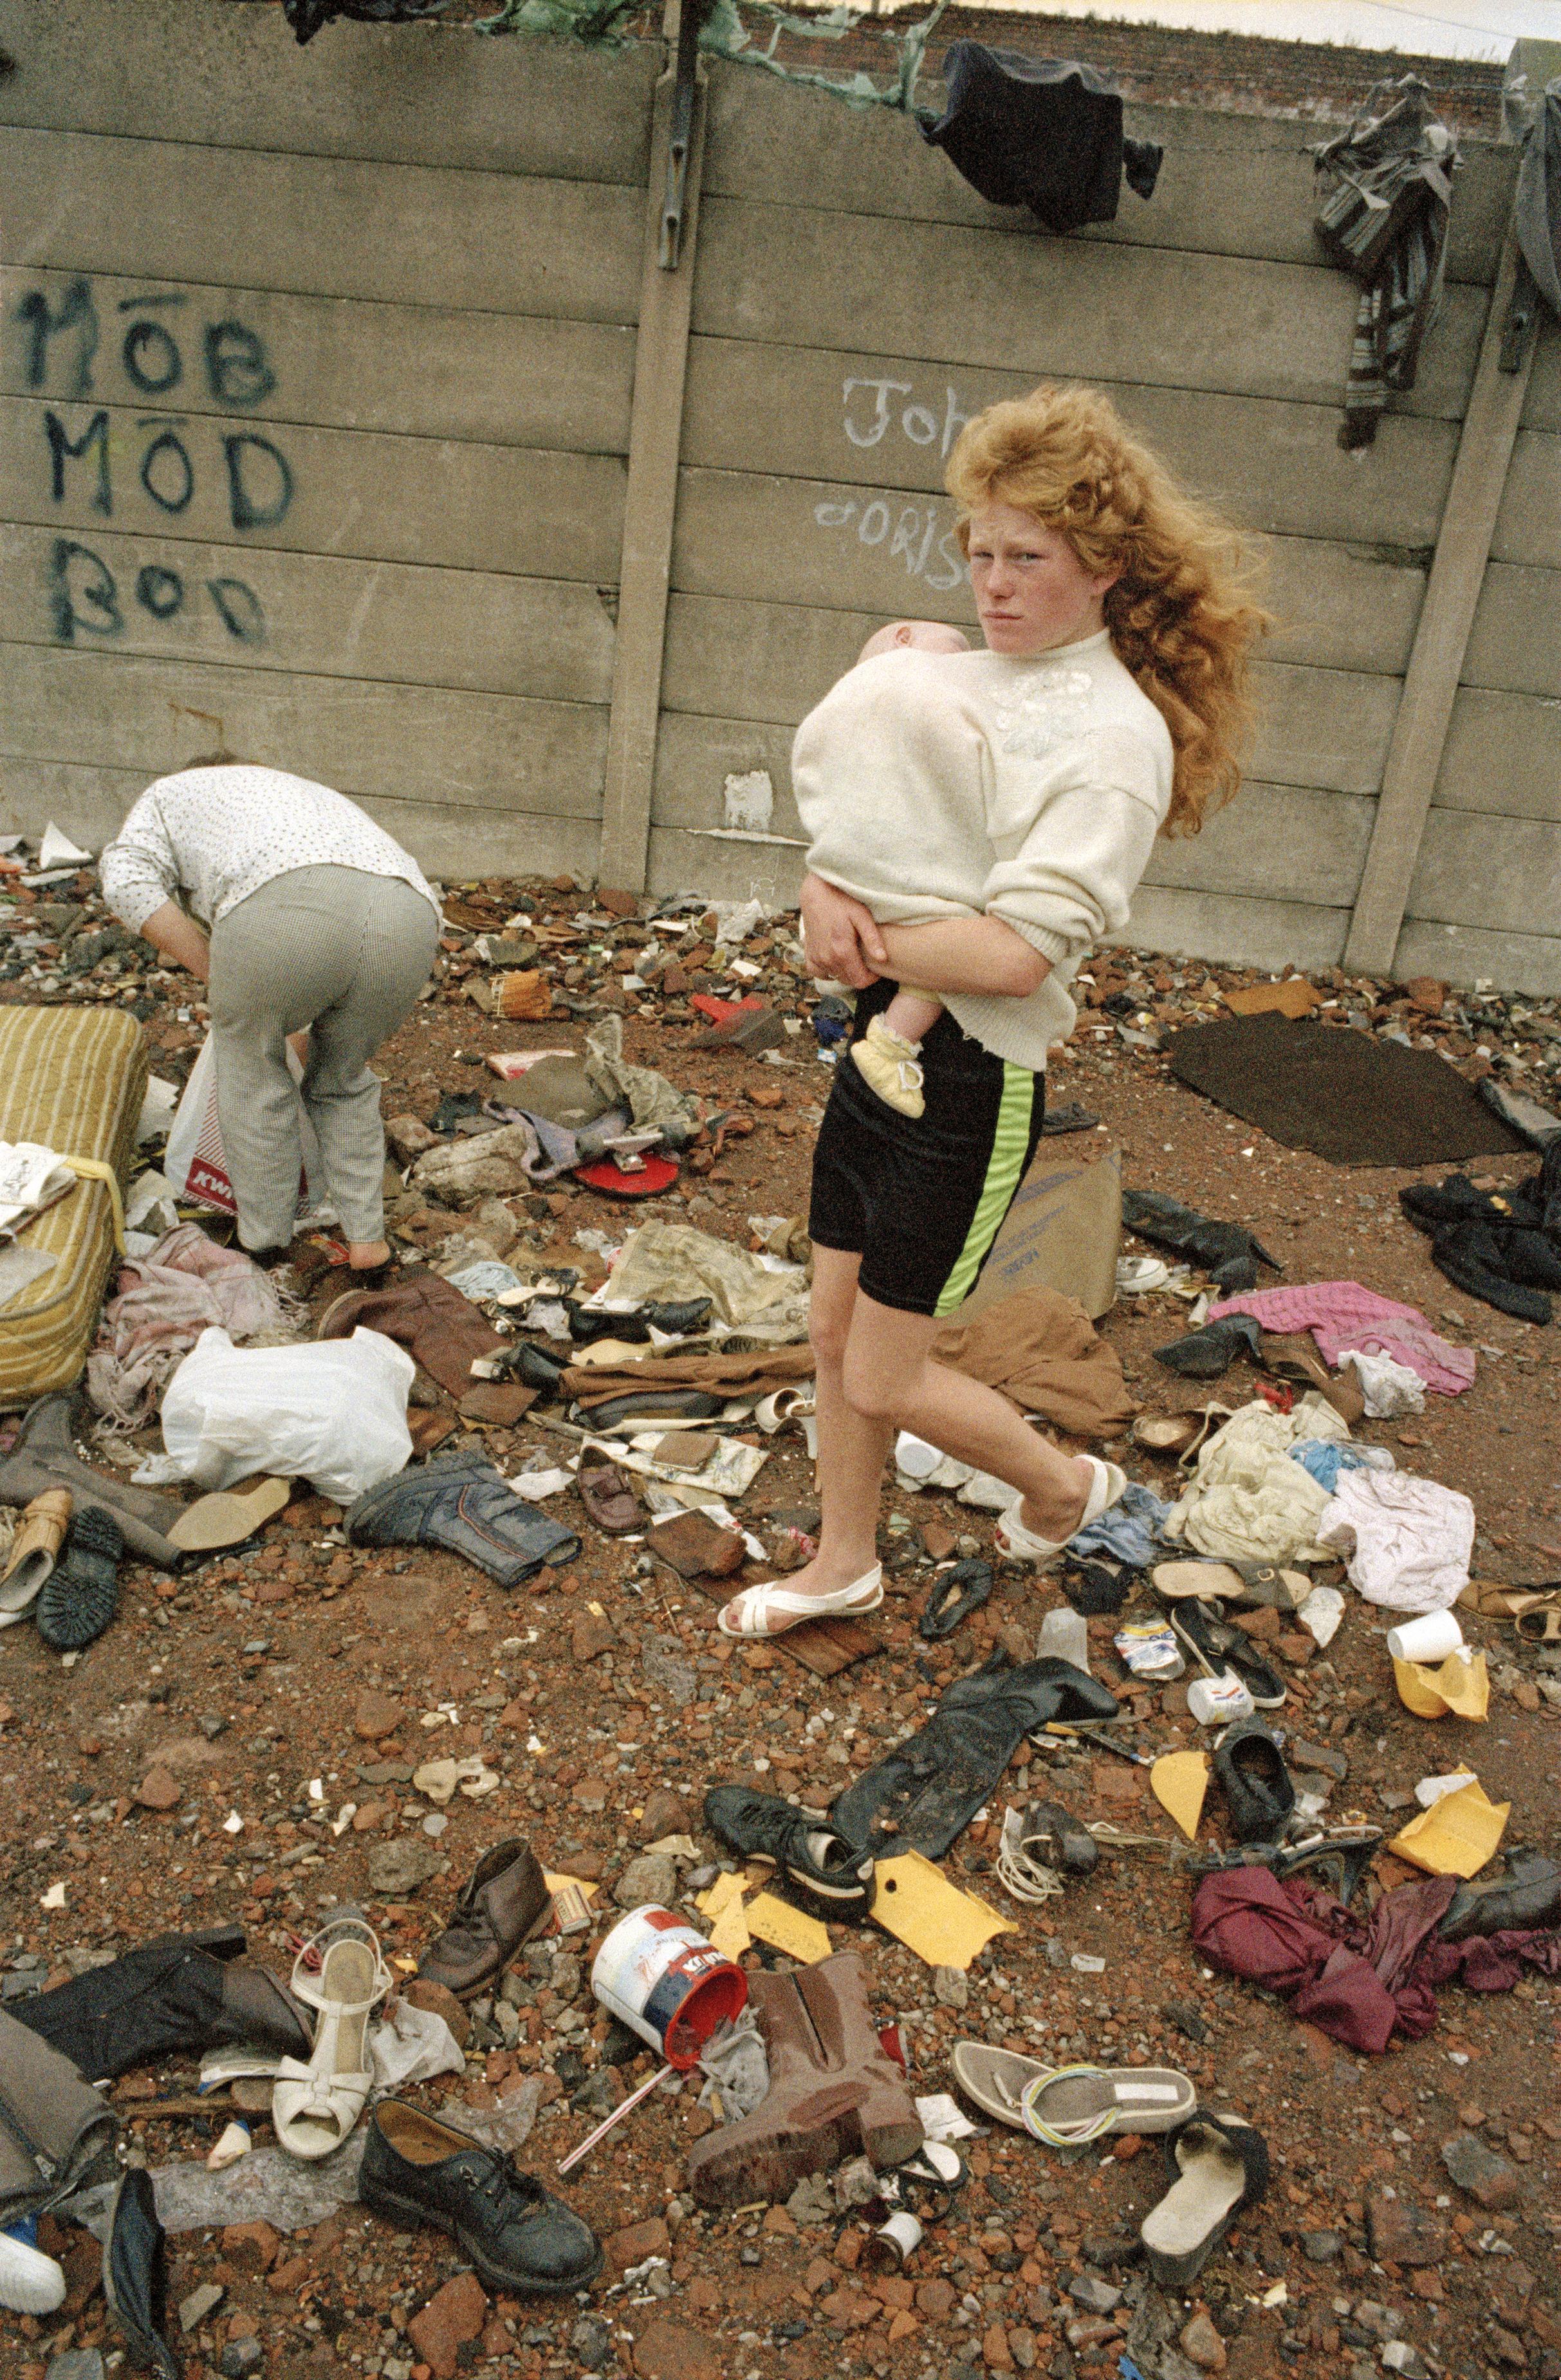 汤姆·伍德,《穿过鞋子行走》,1991。图片由艺术家和Sit Down画廊提供。